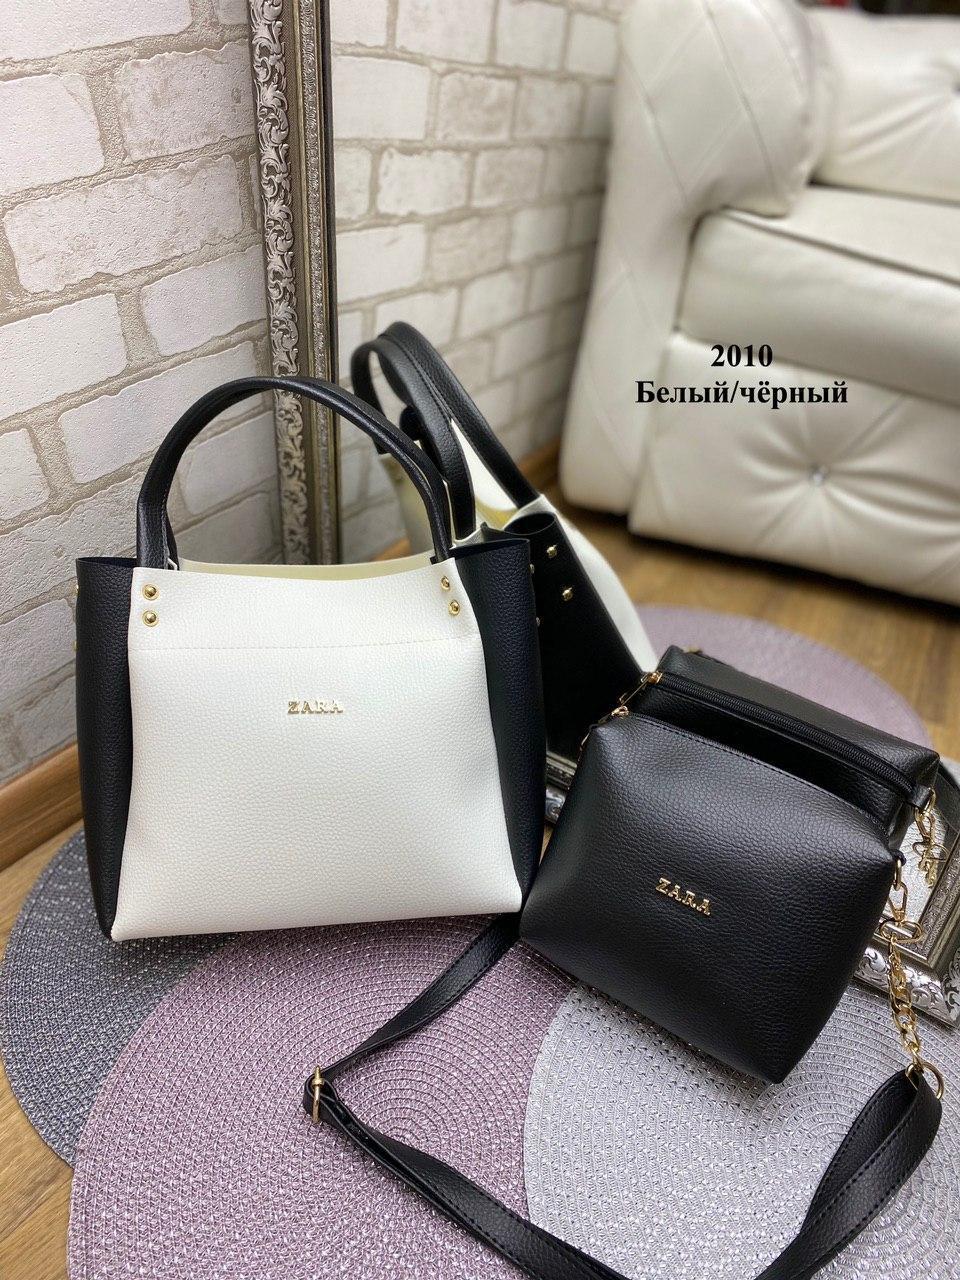 Женская сумочка+клатч Белая с черным. Шикарная сумочка клатч Zara. Комплект женская сумка Zara Зара и клатч.